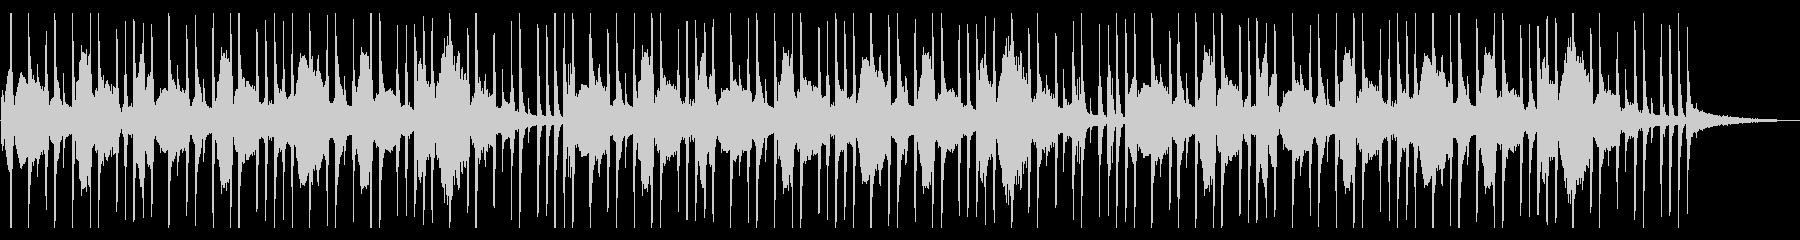 シンセベース音が心地よい待機中BGMの未再生の波形